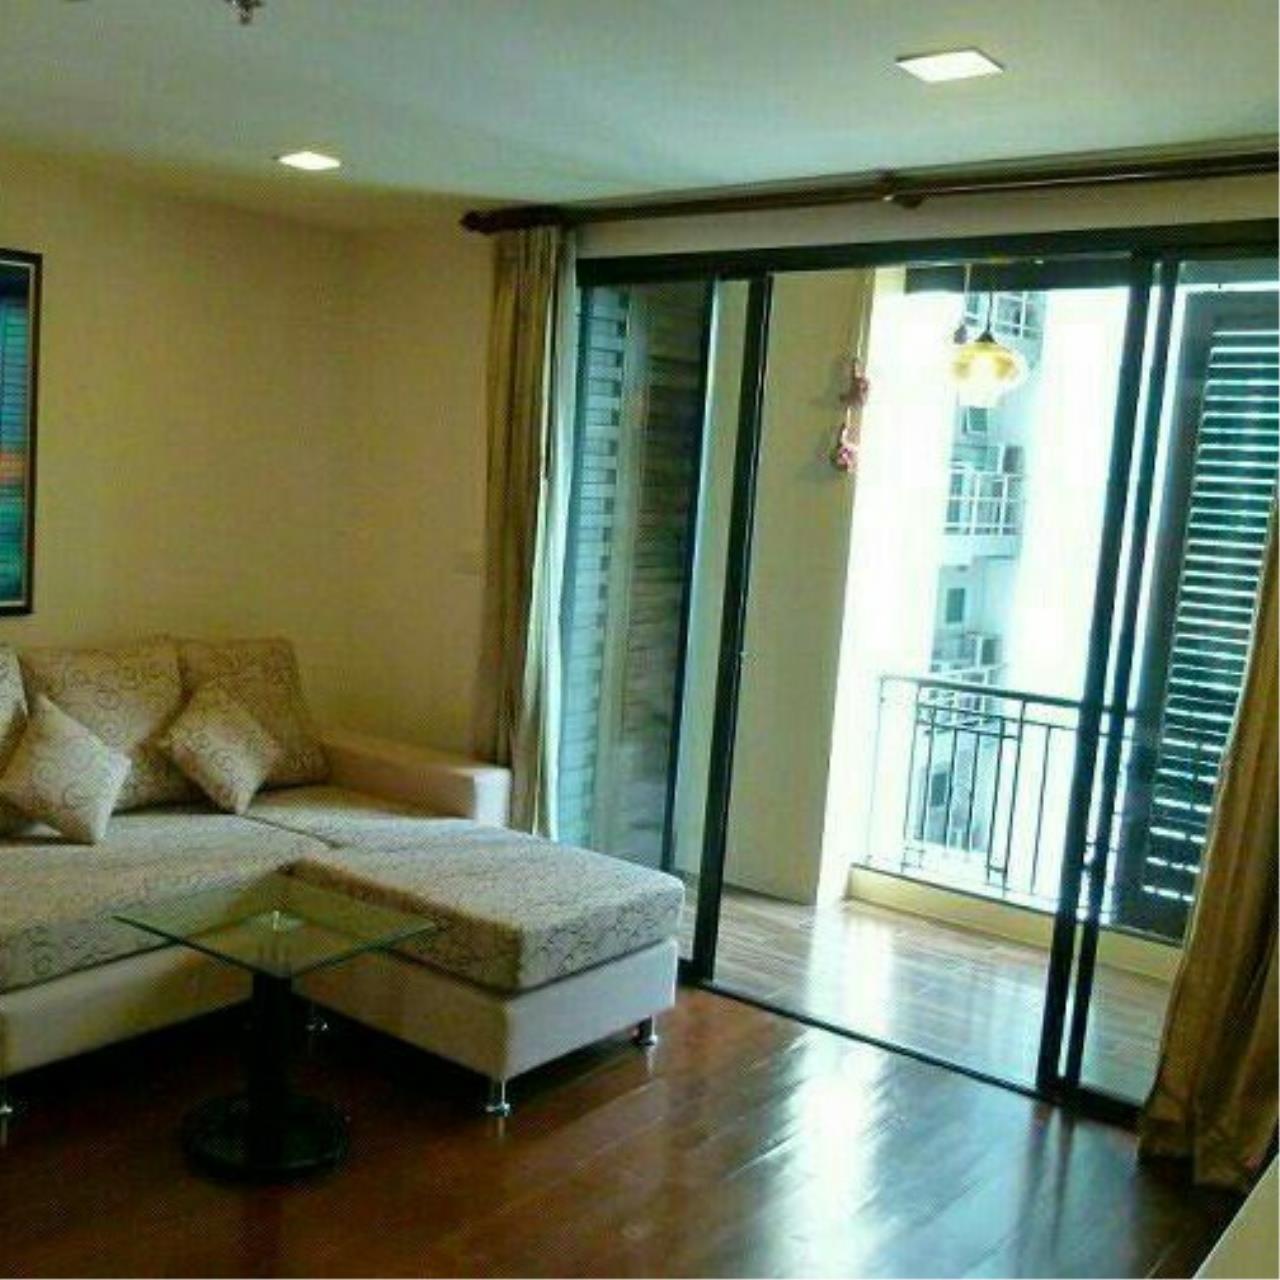 You Estate Agency's sale or rent 52000 area 80 sq.m 2 bed Prime Mansion sukhumvit 31 8